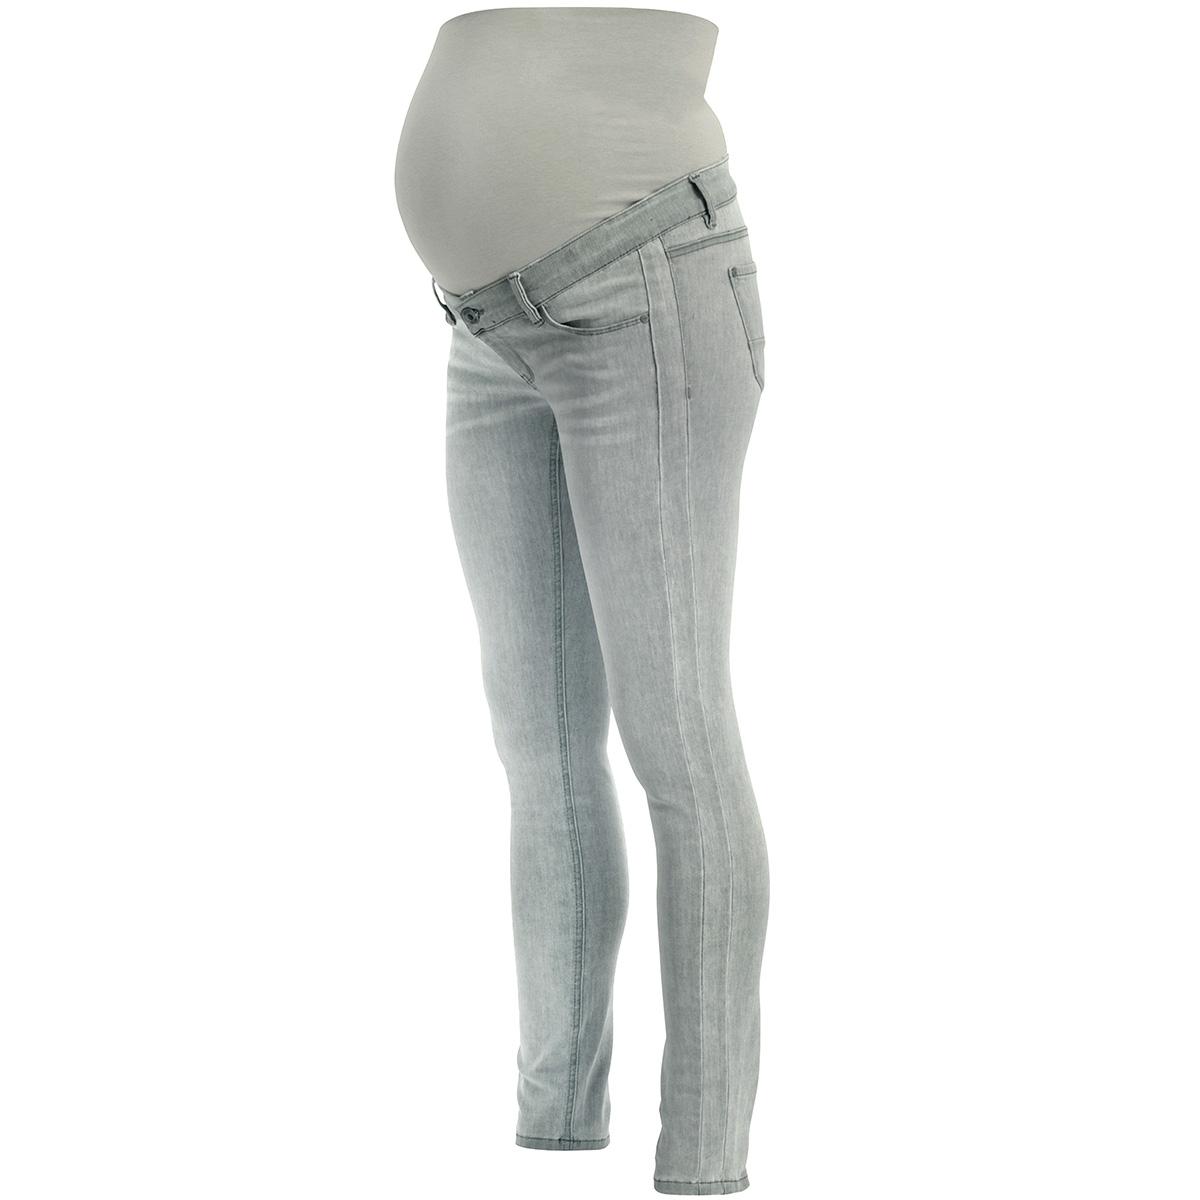 80100 jeans skinny avi noppies positie broek light grey denim